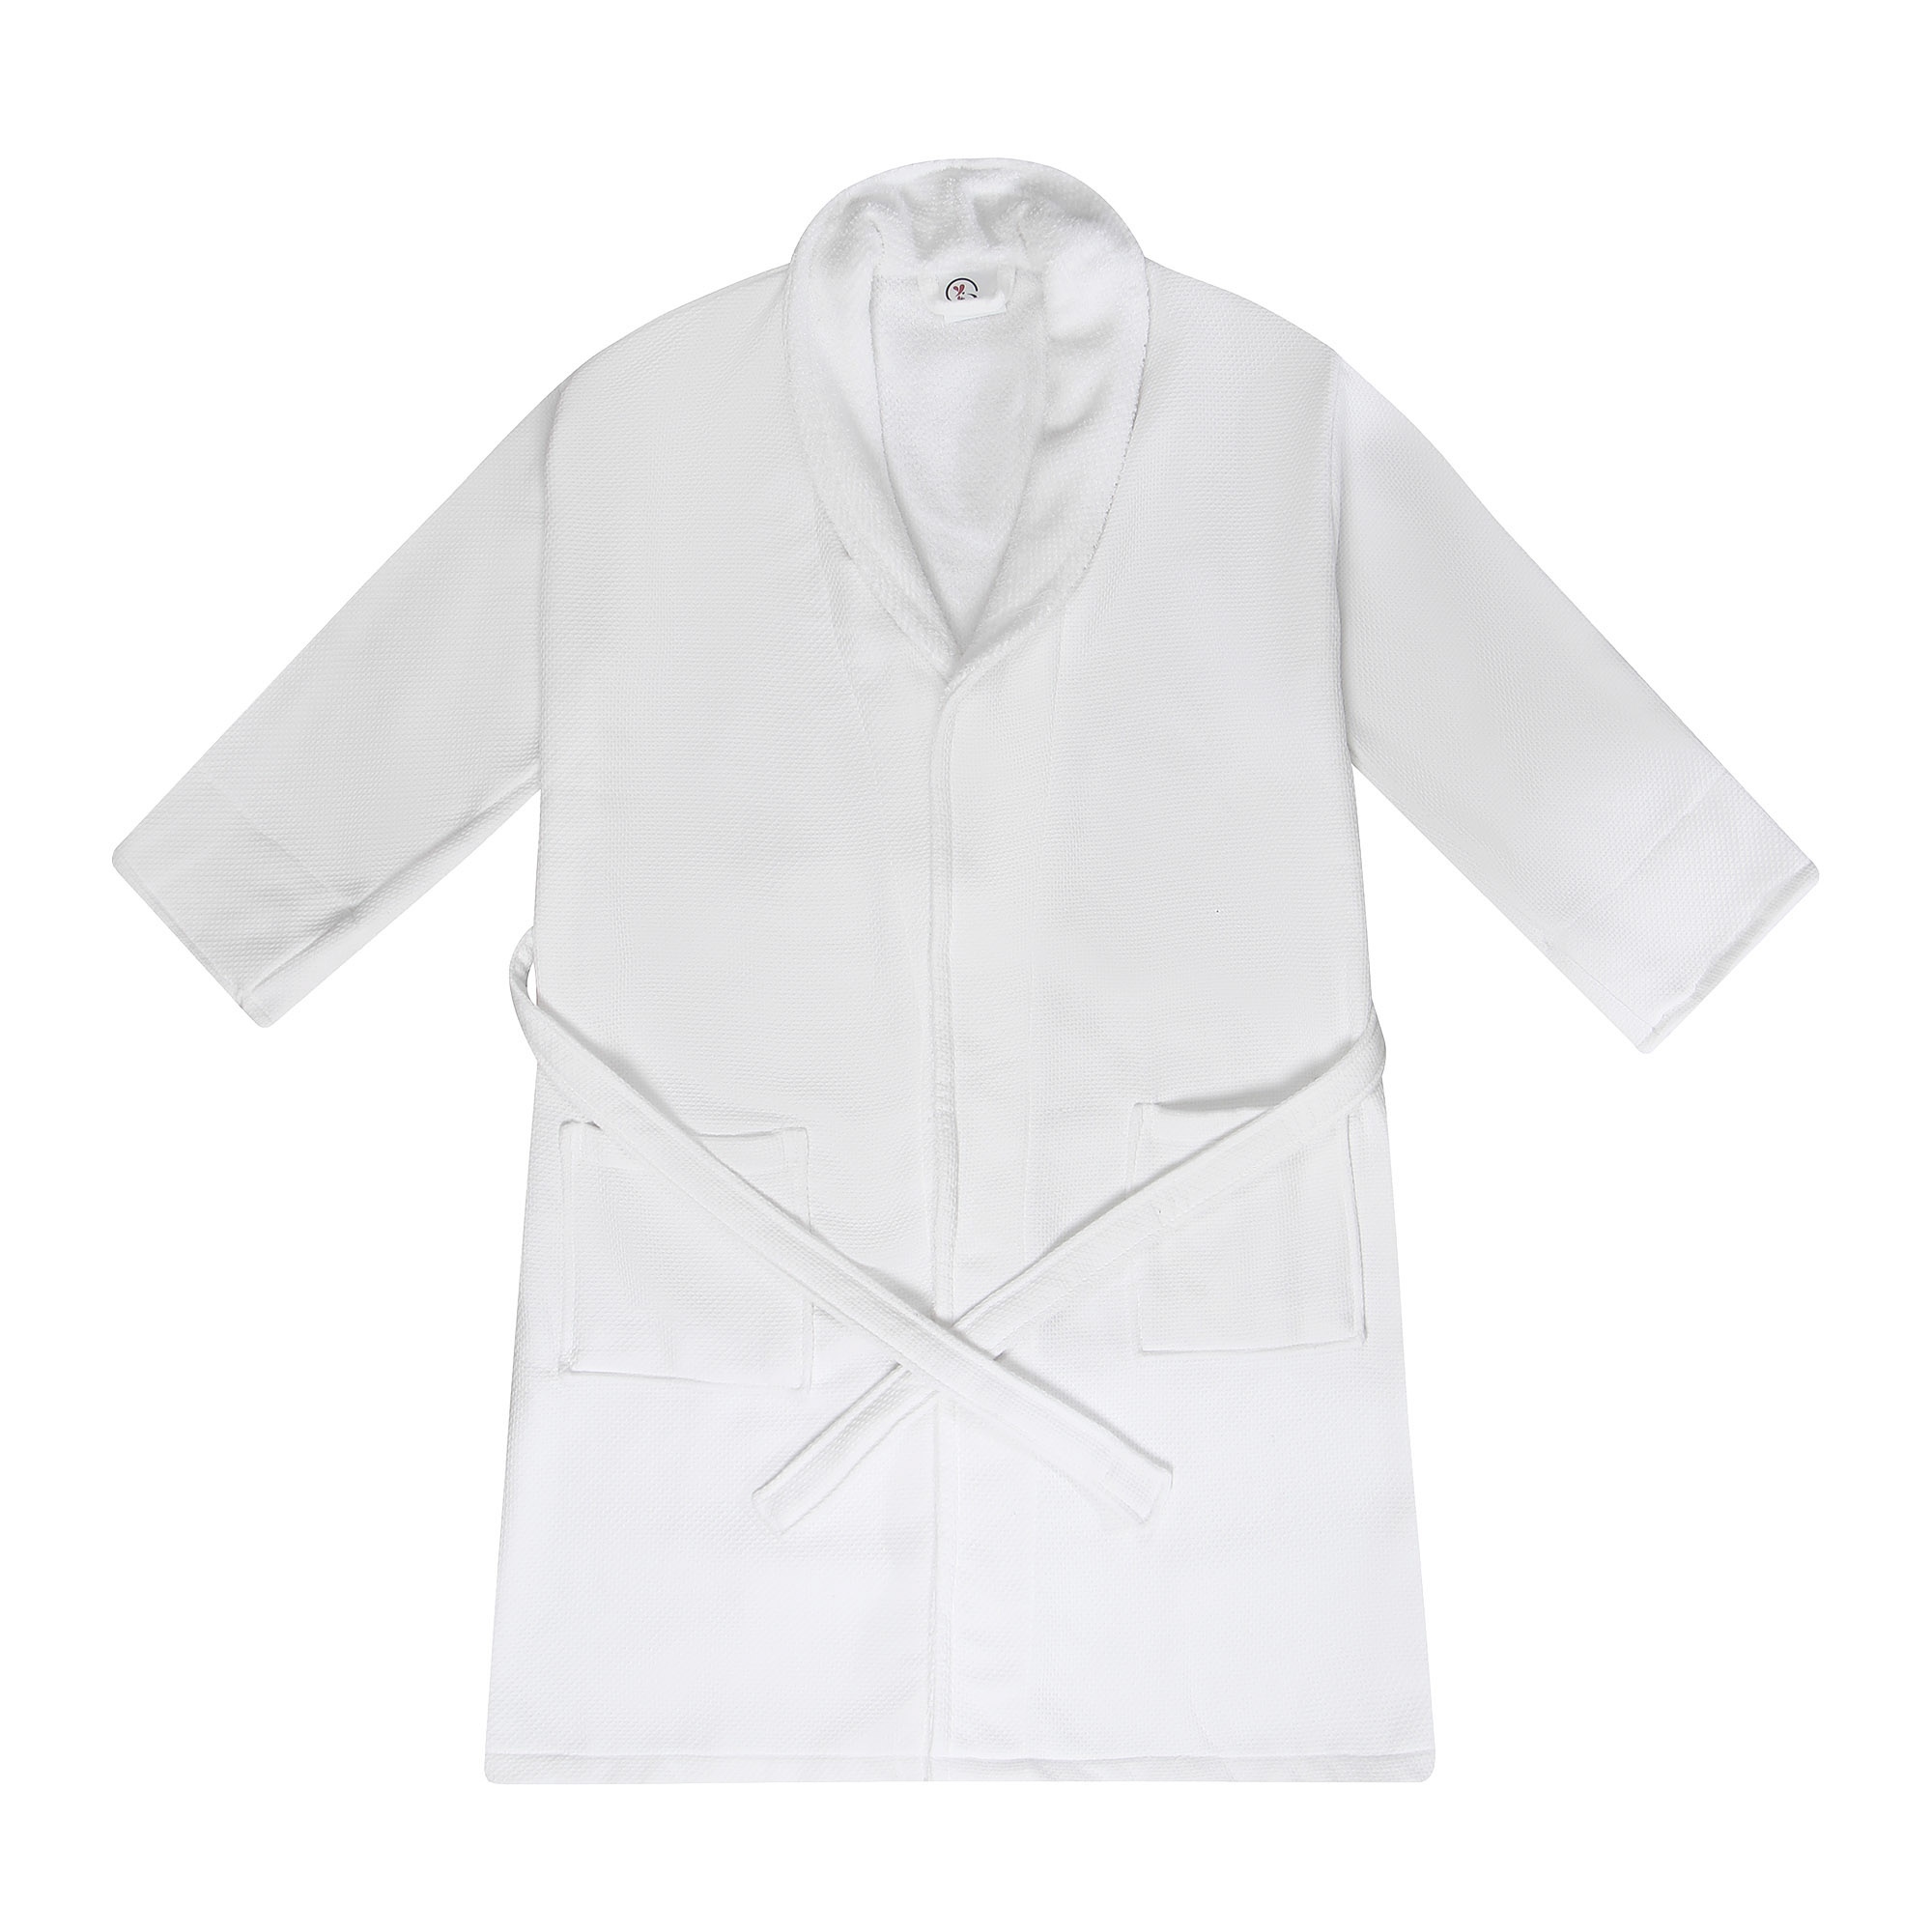 Халат двухсторонний Asil 2xl white